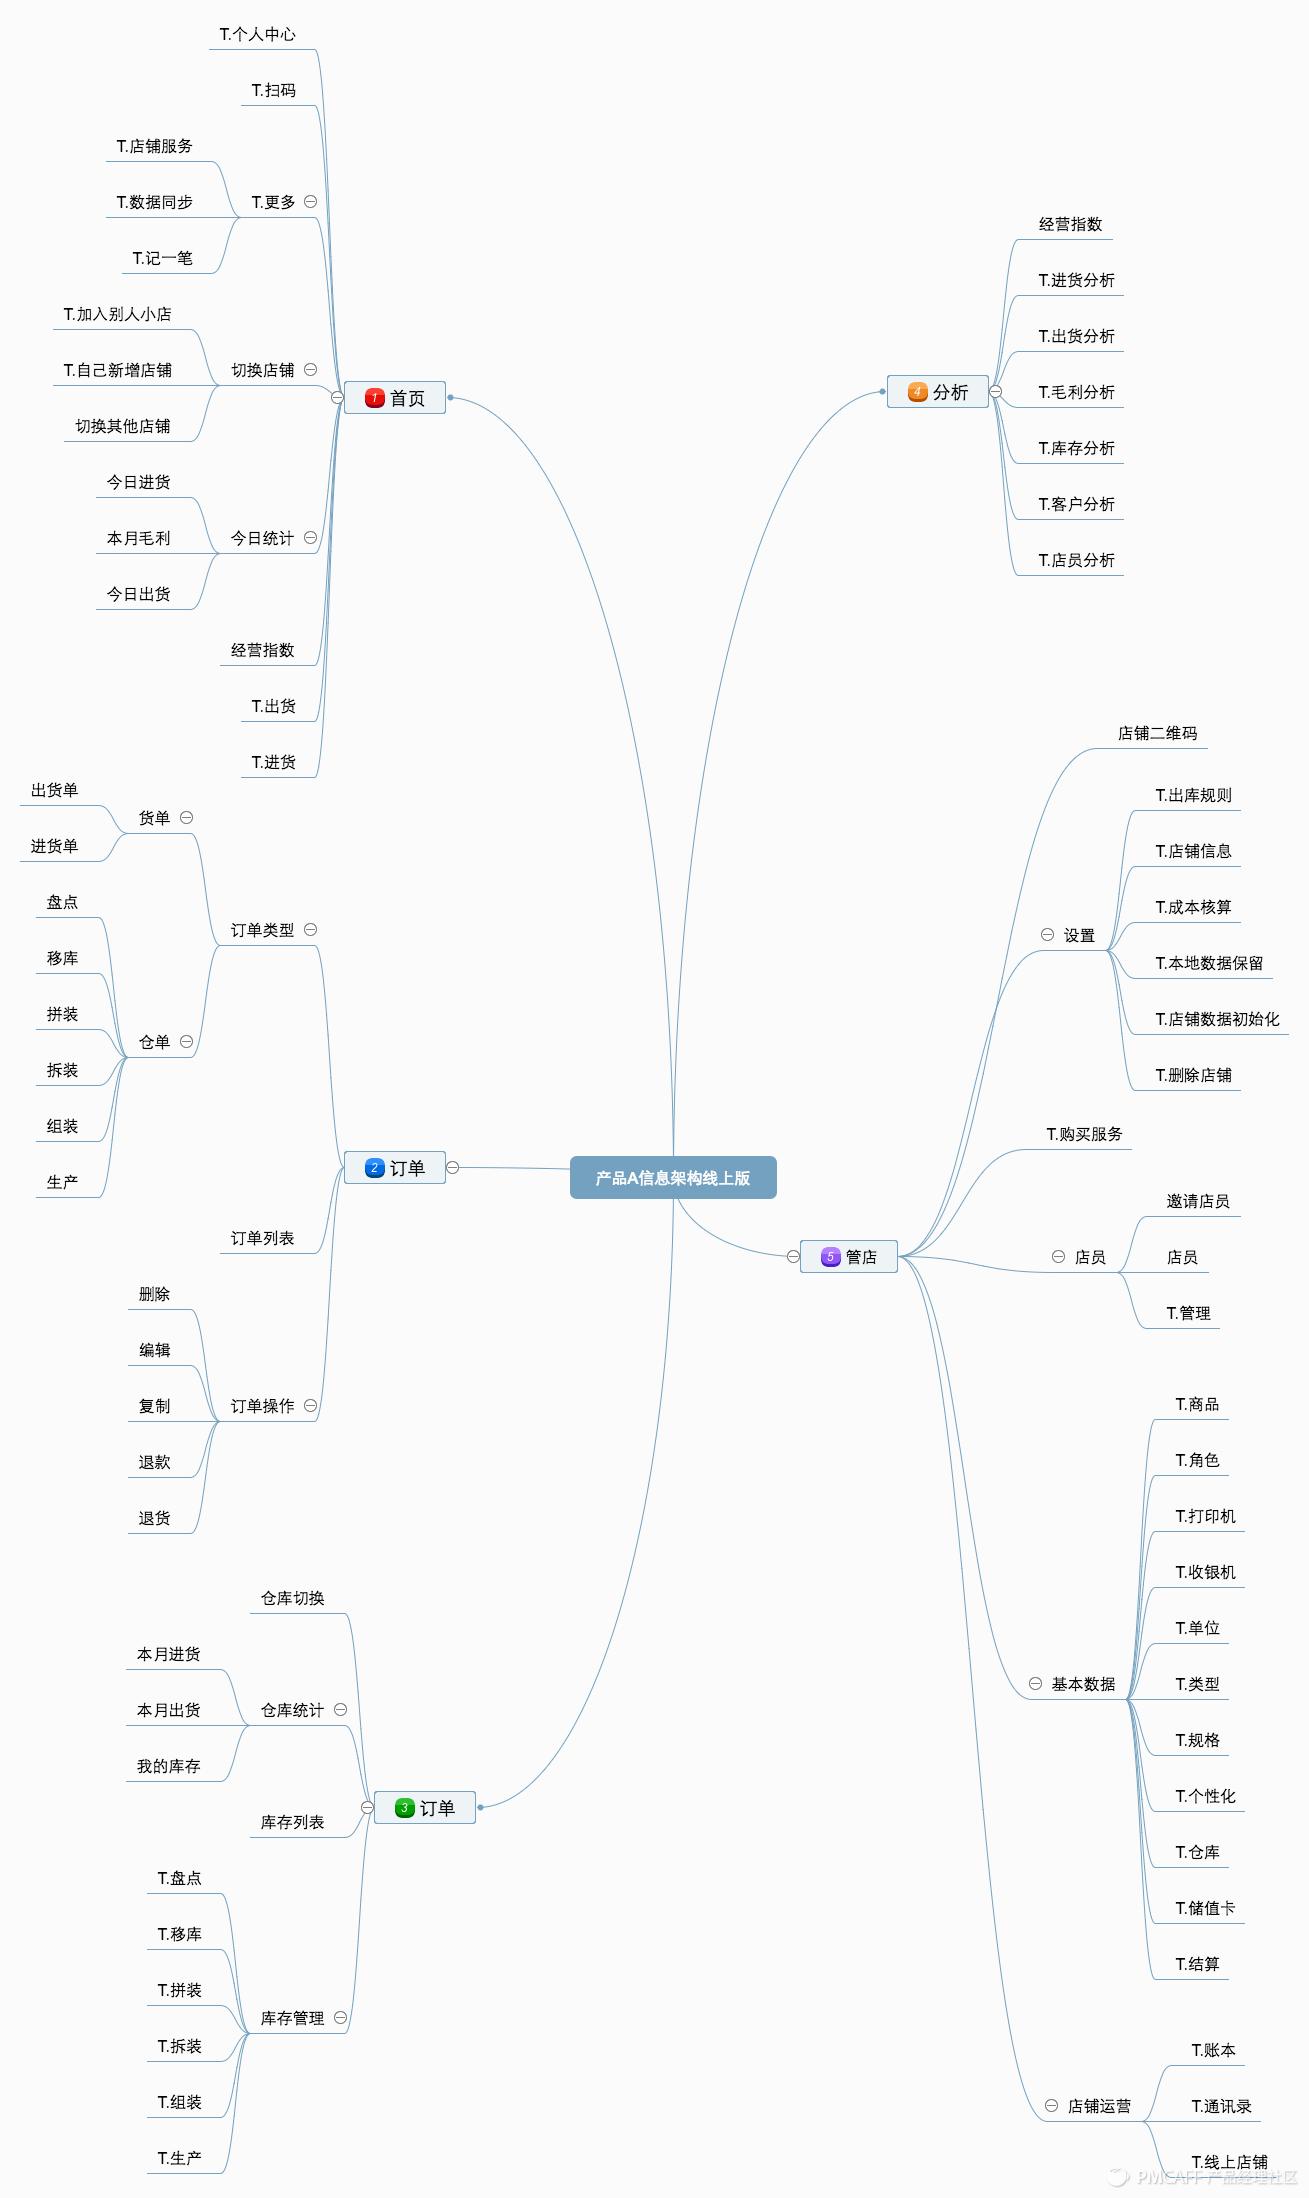 图:产品A信息架构线上版,内容中T.为跳转页面